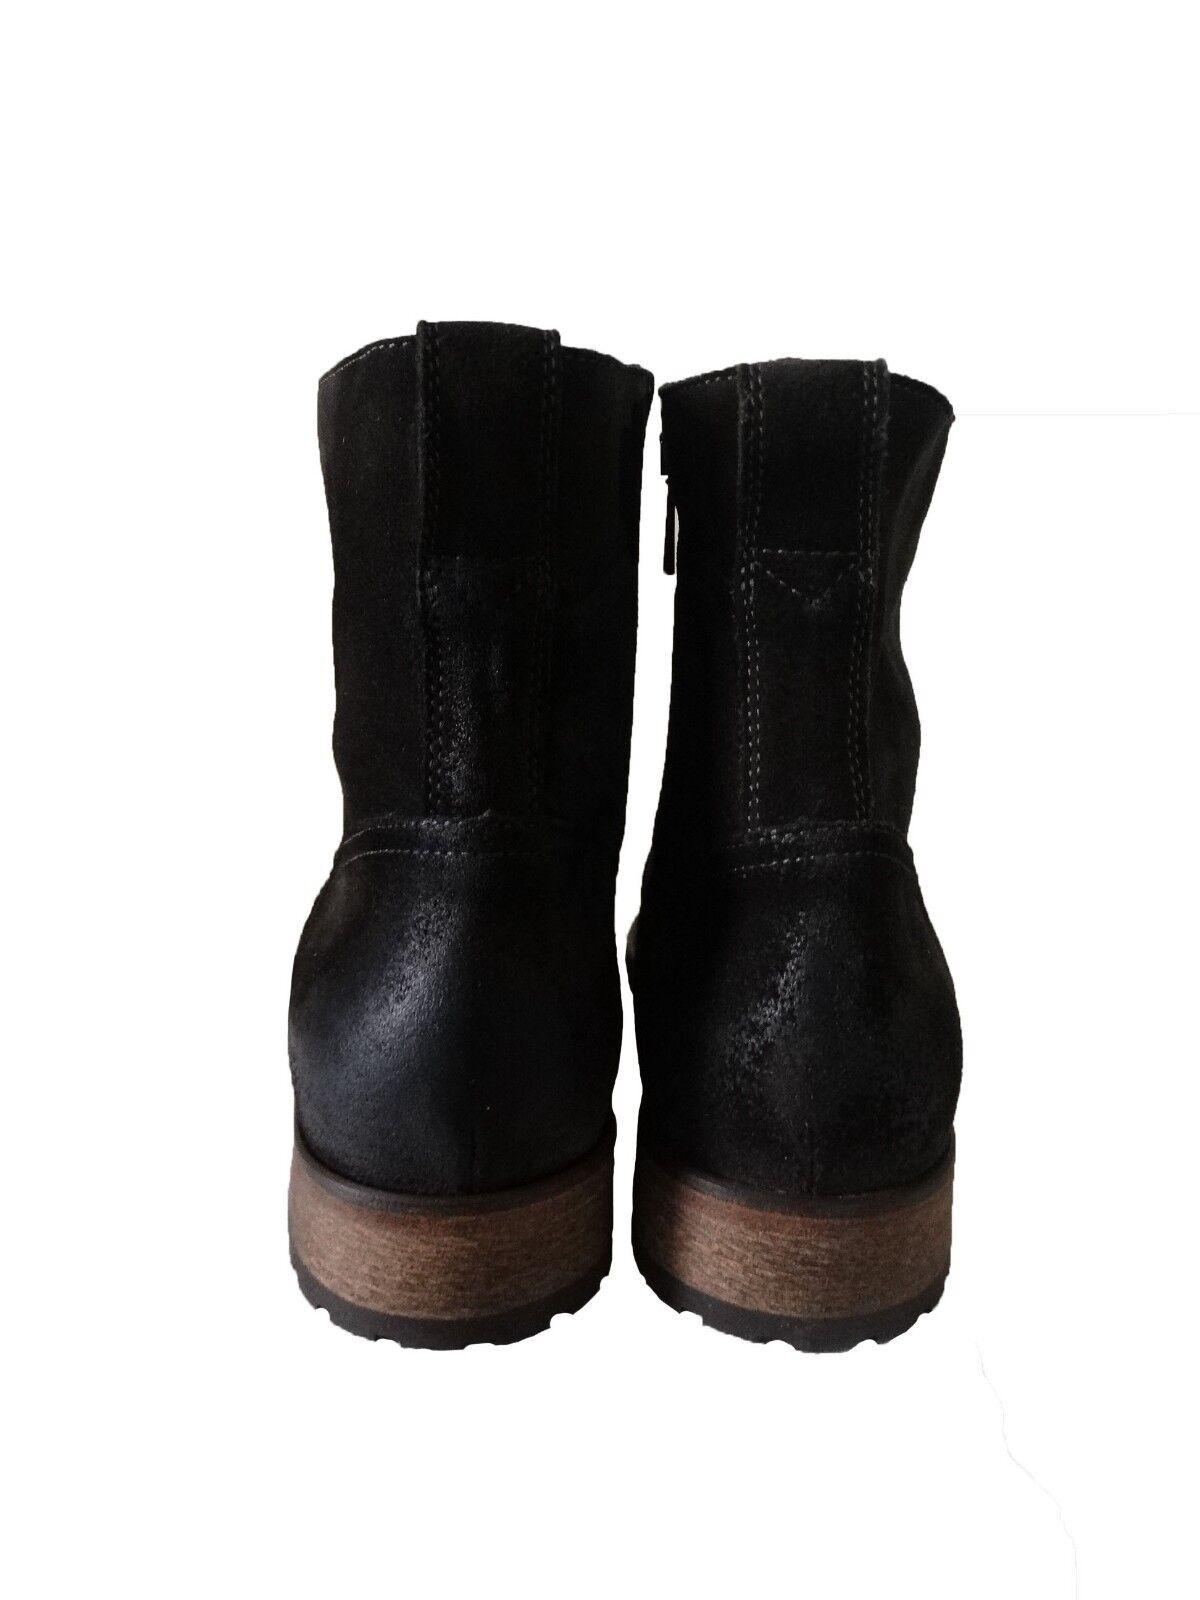 NIB Belstaff Attwell Chelsea Stivali Burnished Suede 9 Dark Grey Size 9 Suede M-US 678a6c